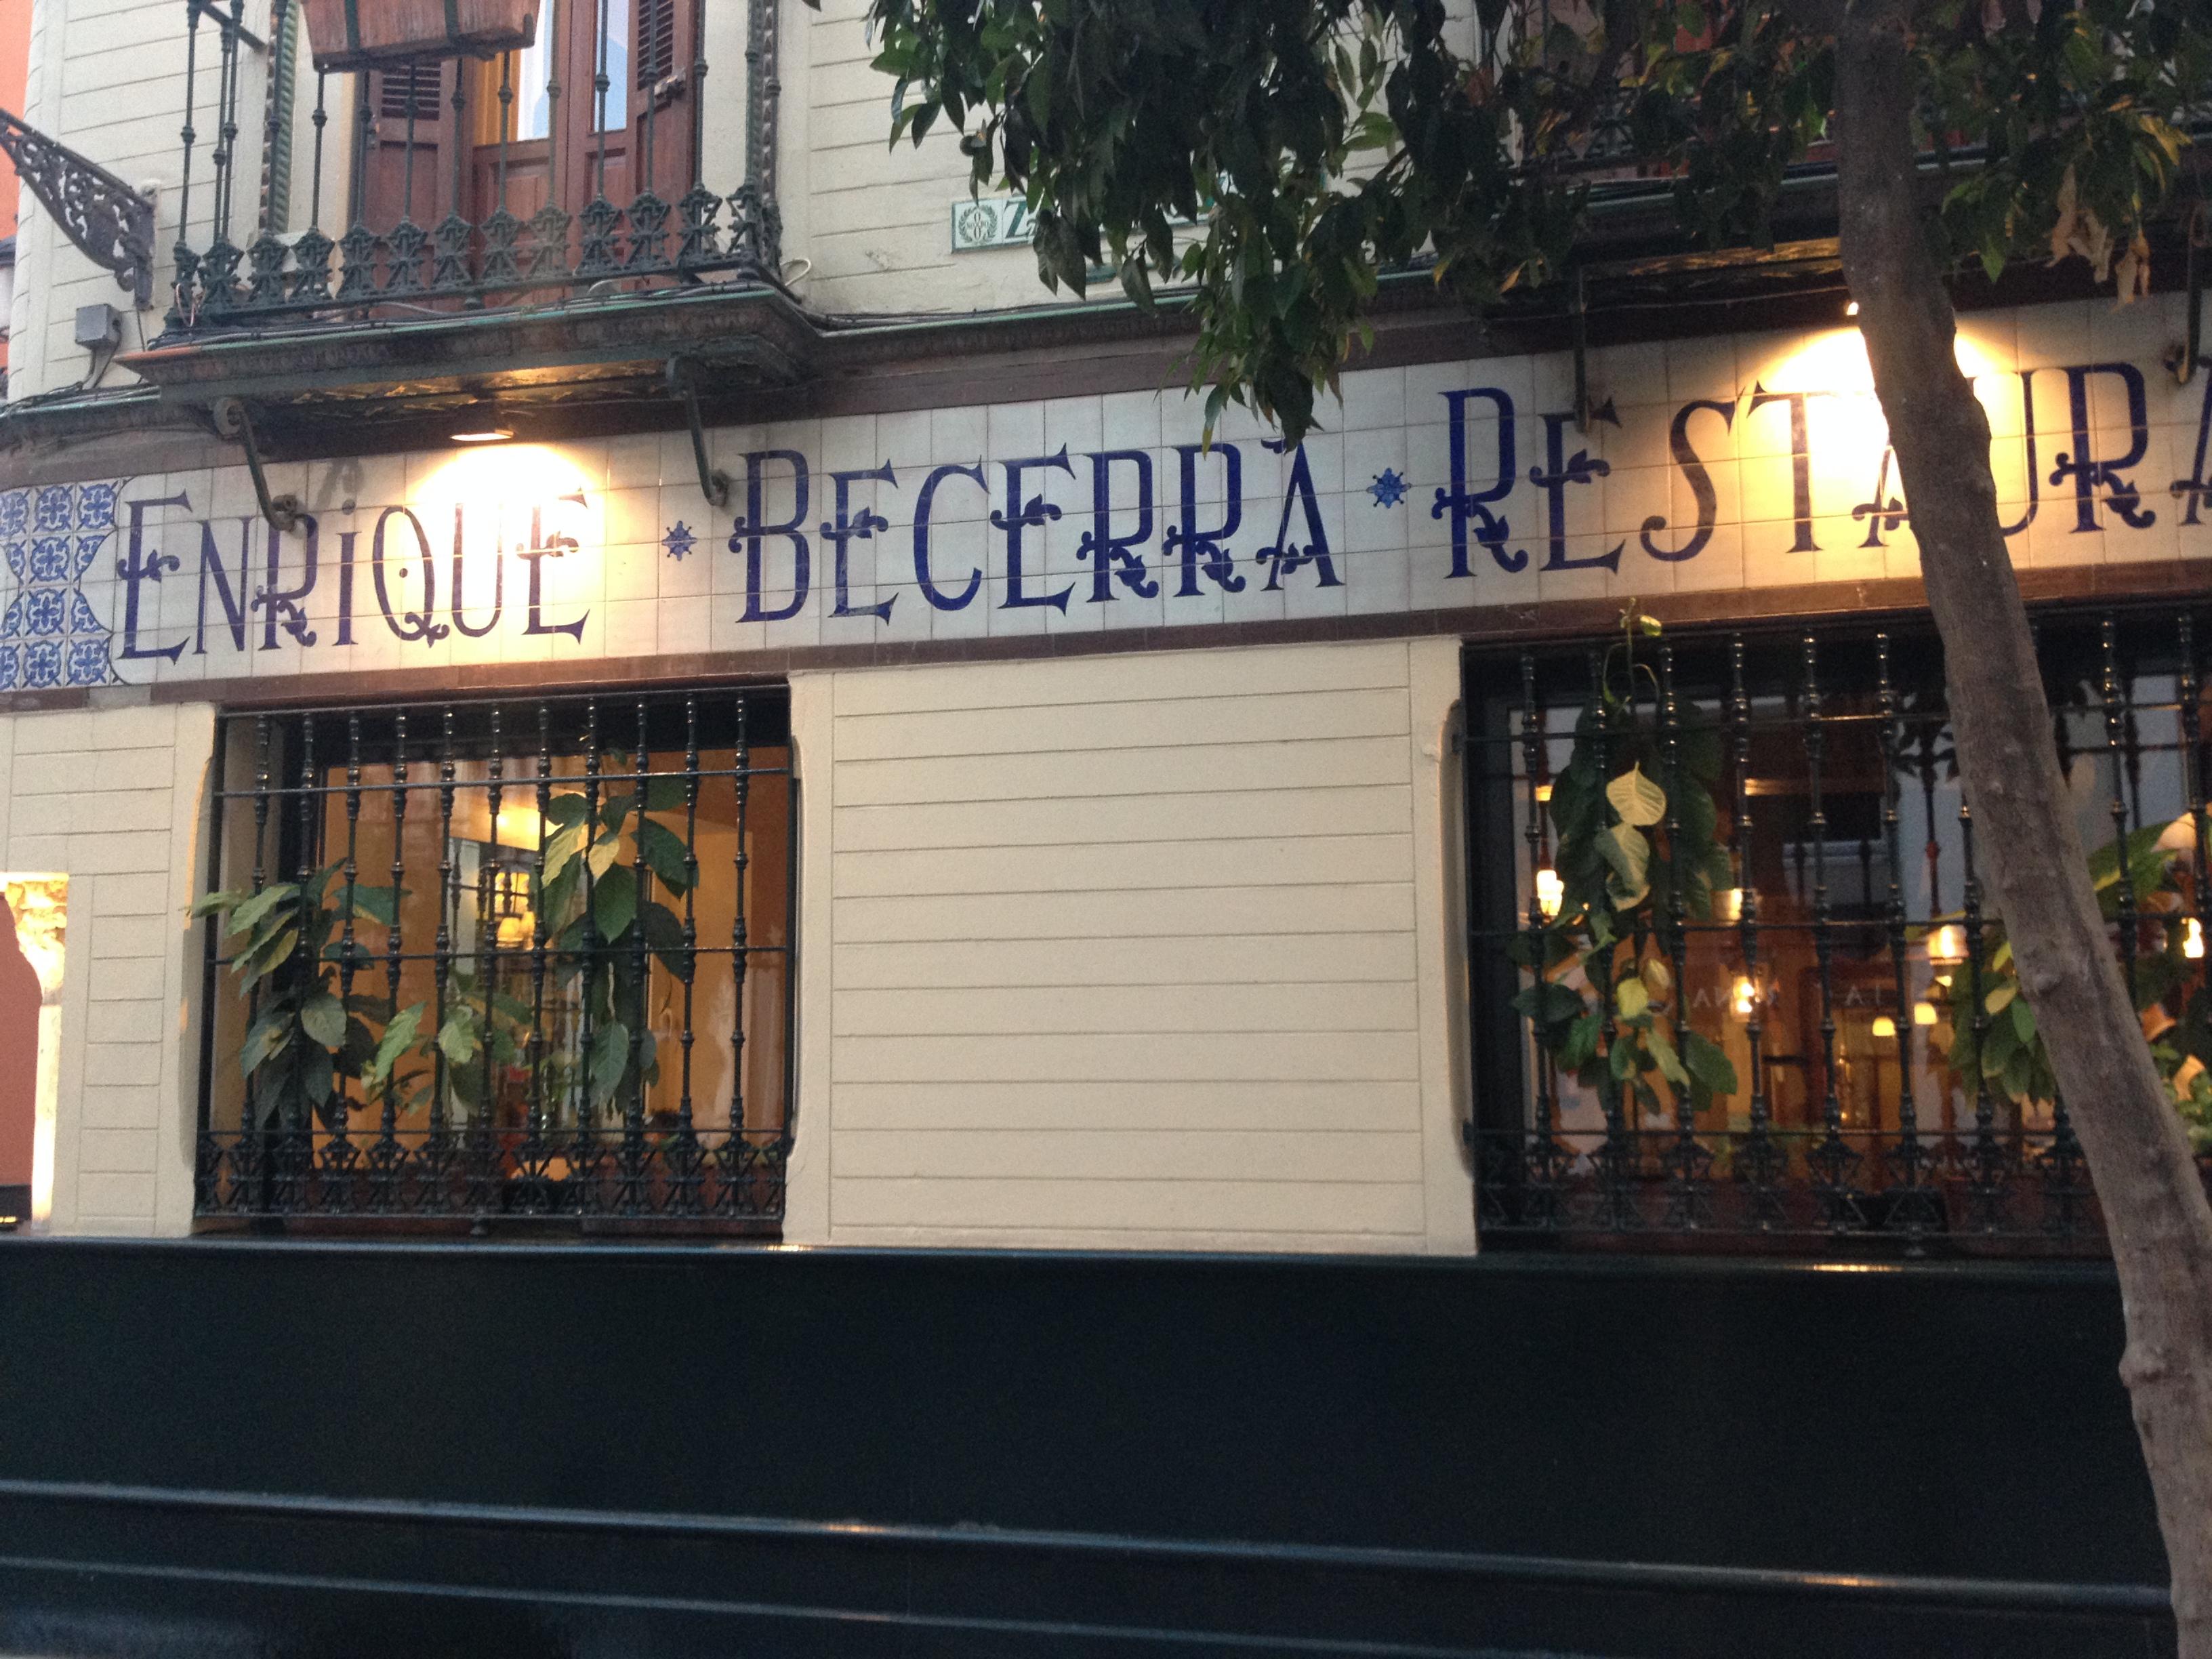 Ristorante Becerra, Siviglia @oltreilbalcone